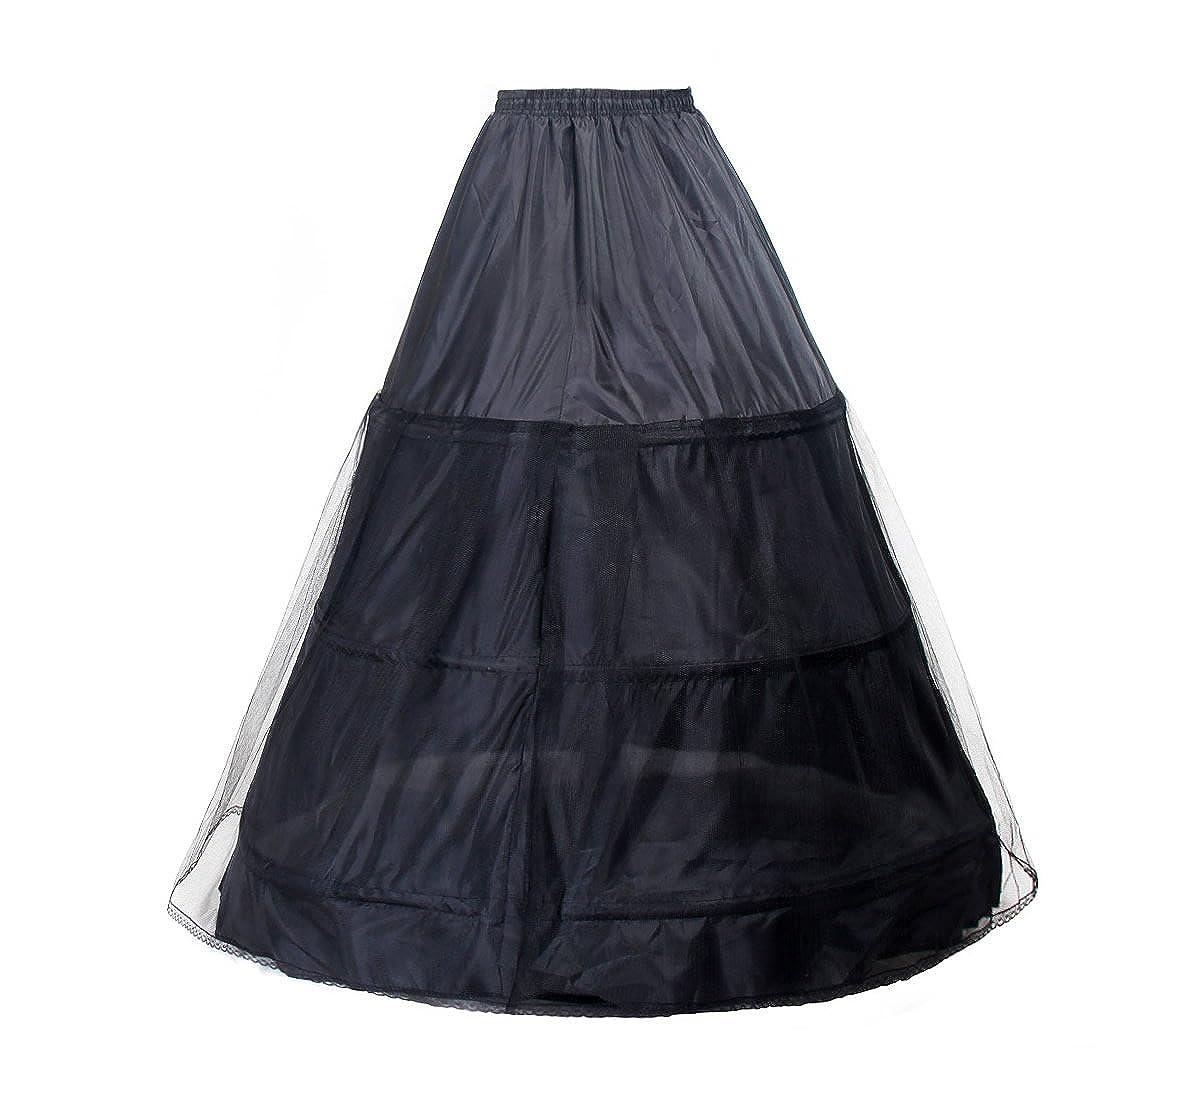 TUKA Reifrock 3 Ring verstellbar, Underskirt Unterrock, Petticoat Krinoline, verfügbar in verschiedenen Farben und Größen, TKB0005